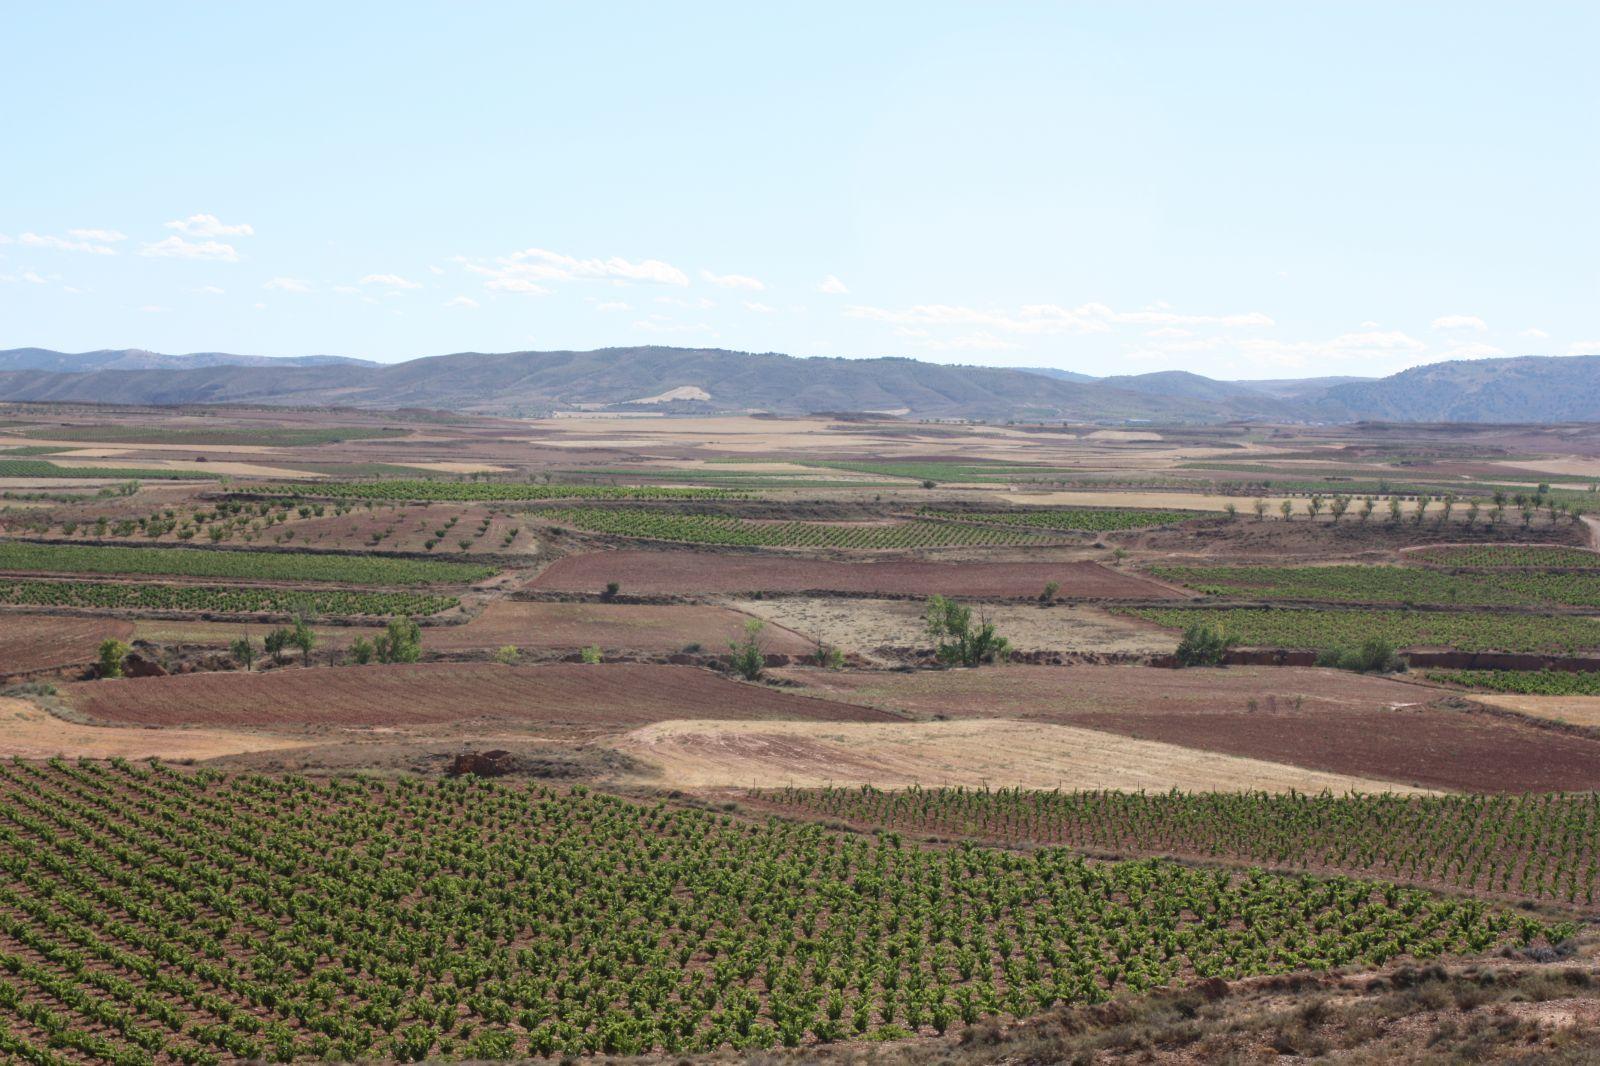 Viñedo - Vineyard CALATAYUD(1).jpg